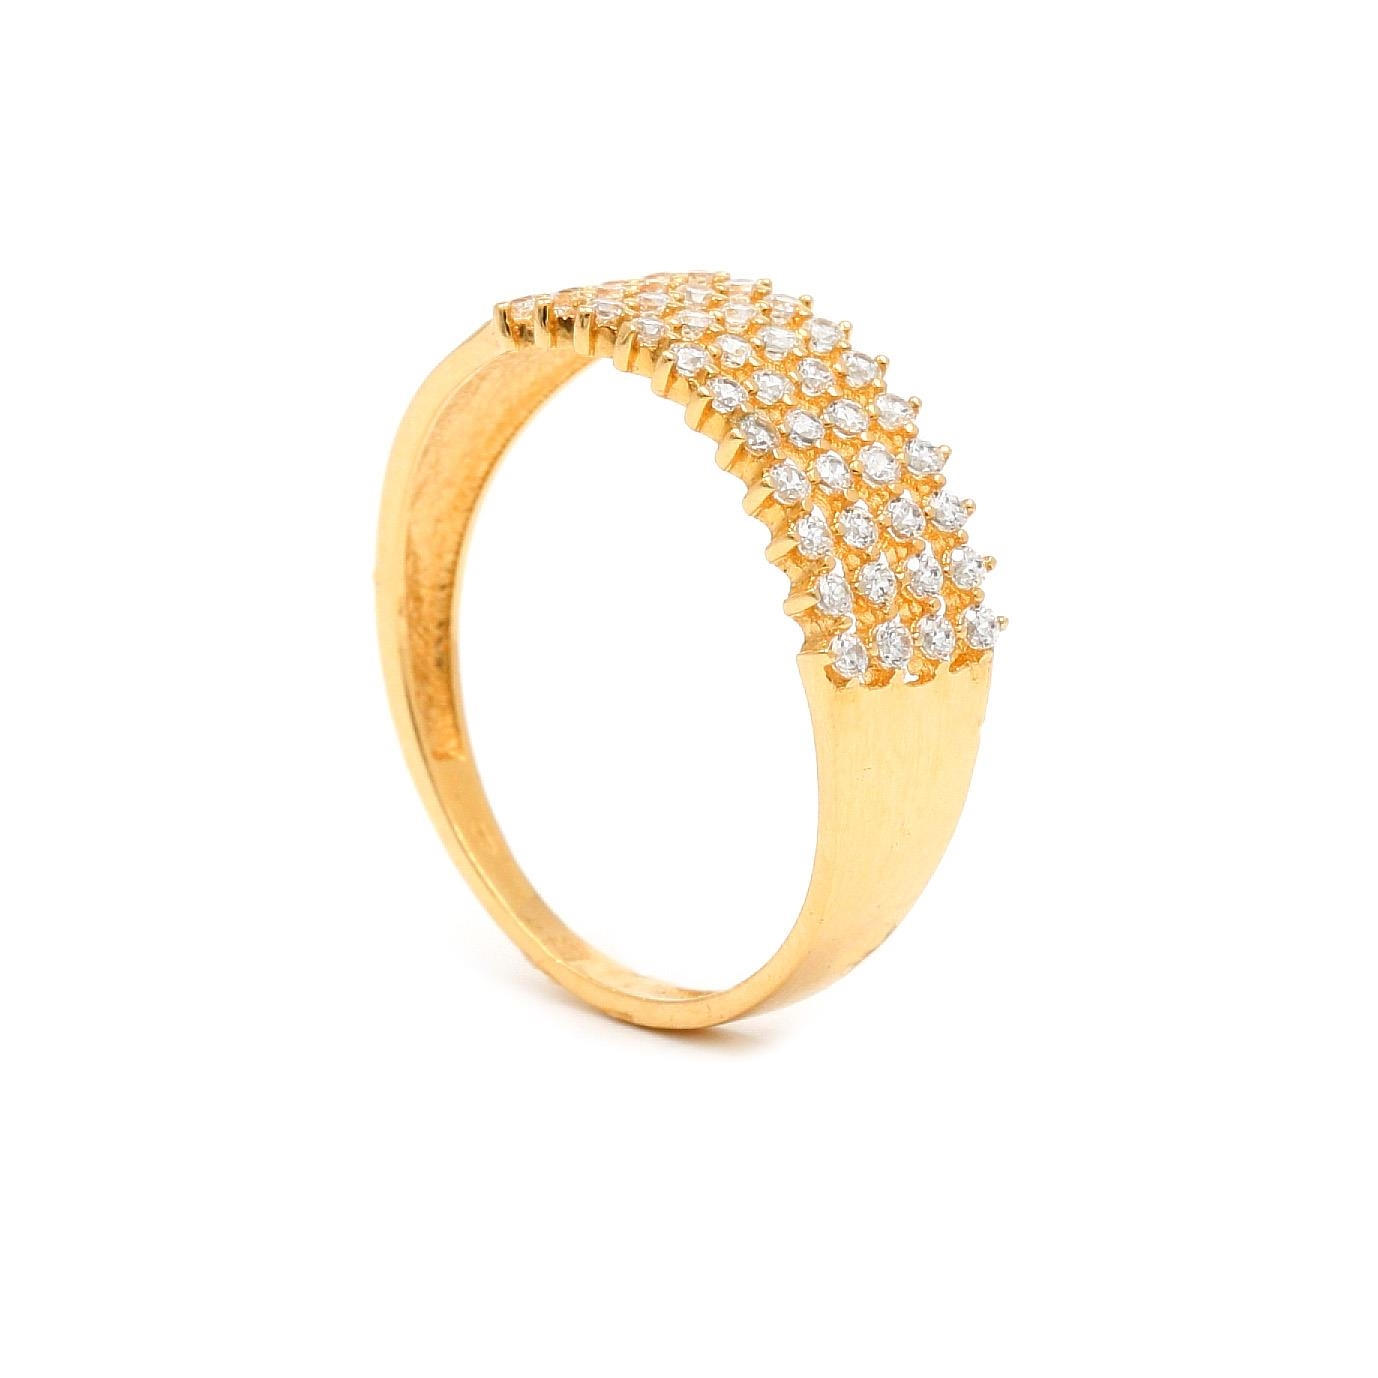 Zlatý dámsky prsteň MIRARI 7PZ00359